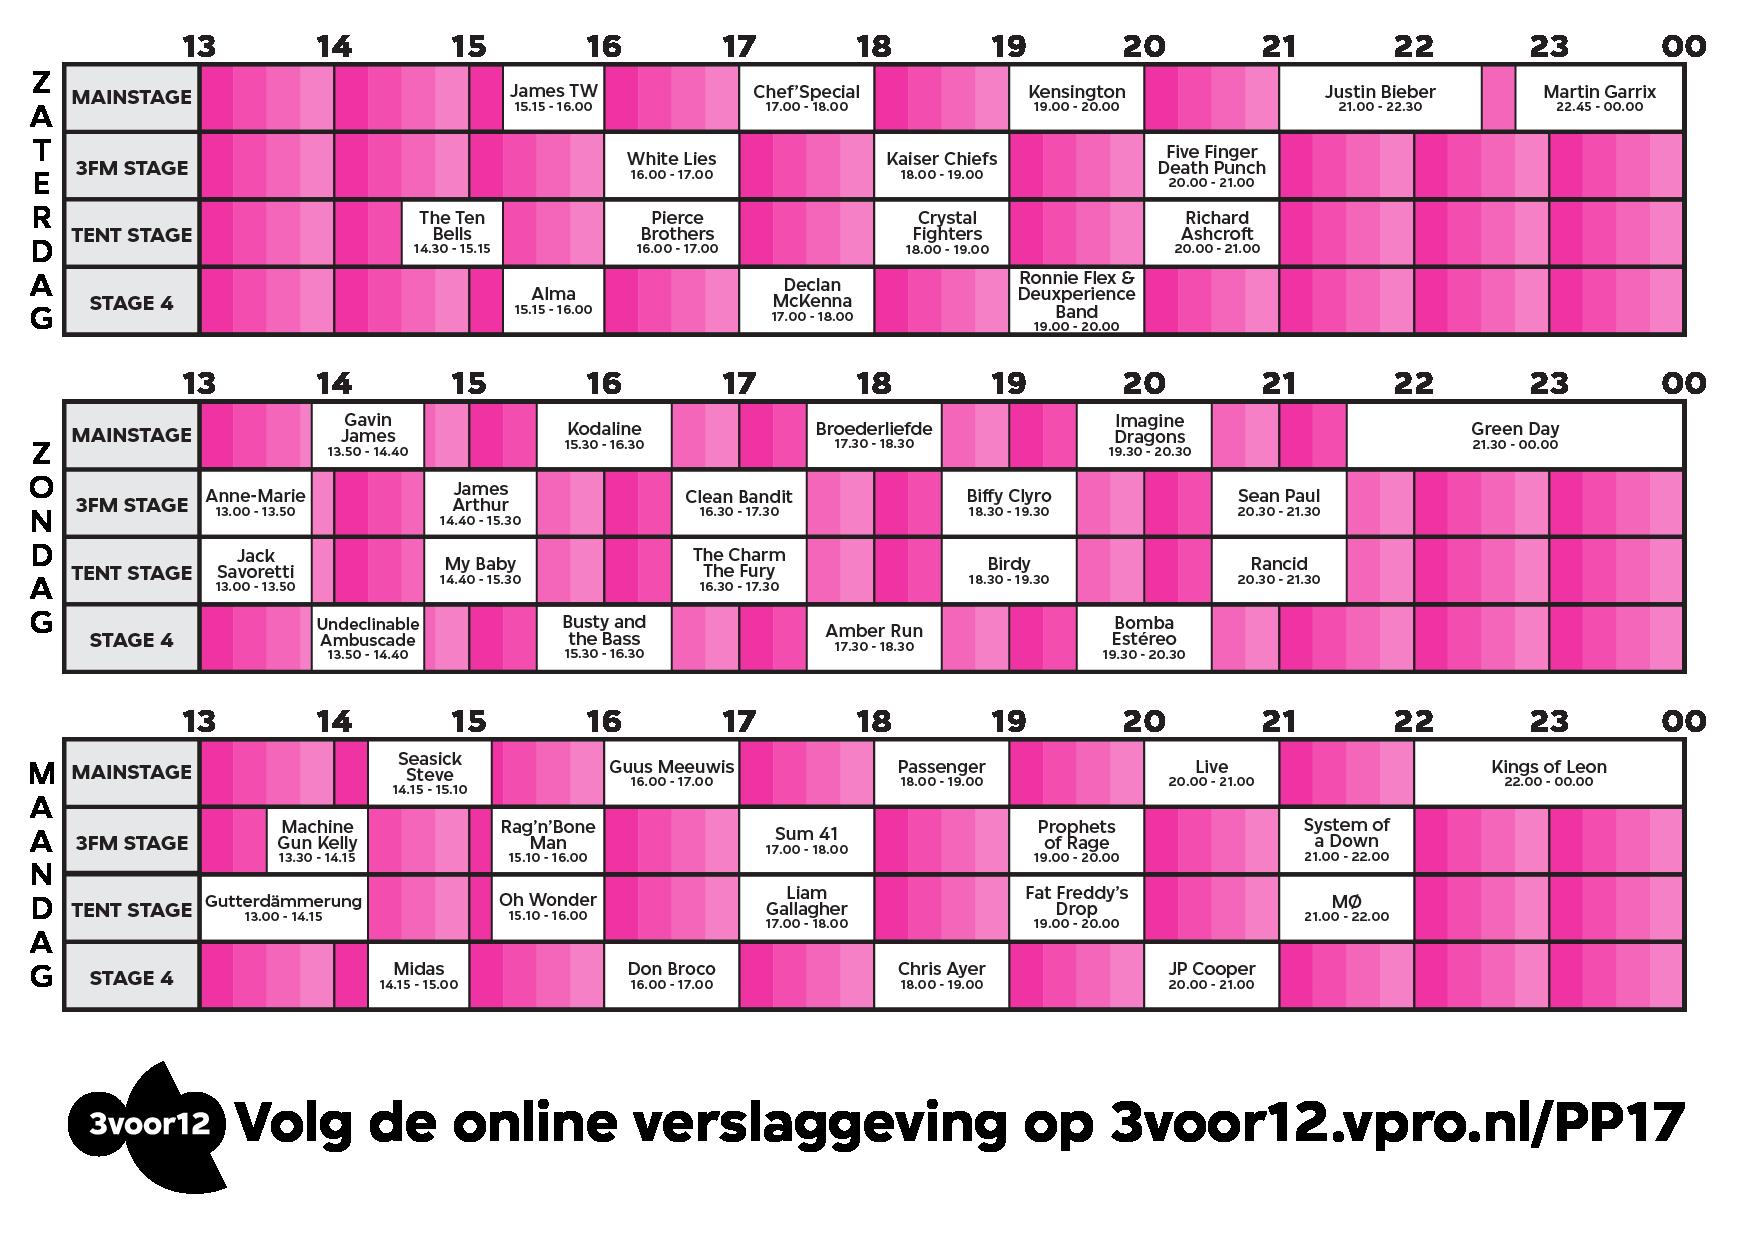 Pinkpop%202017%20Blokkenschema.png